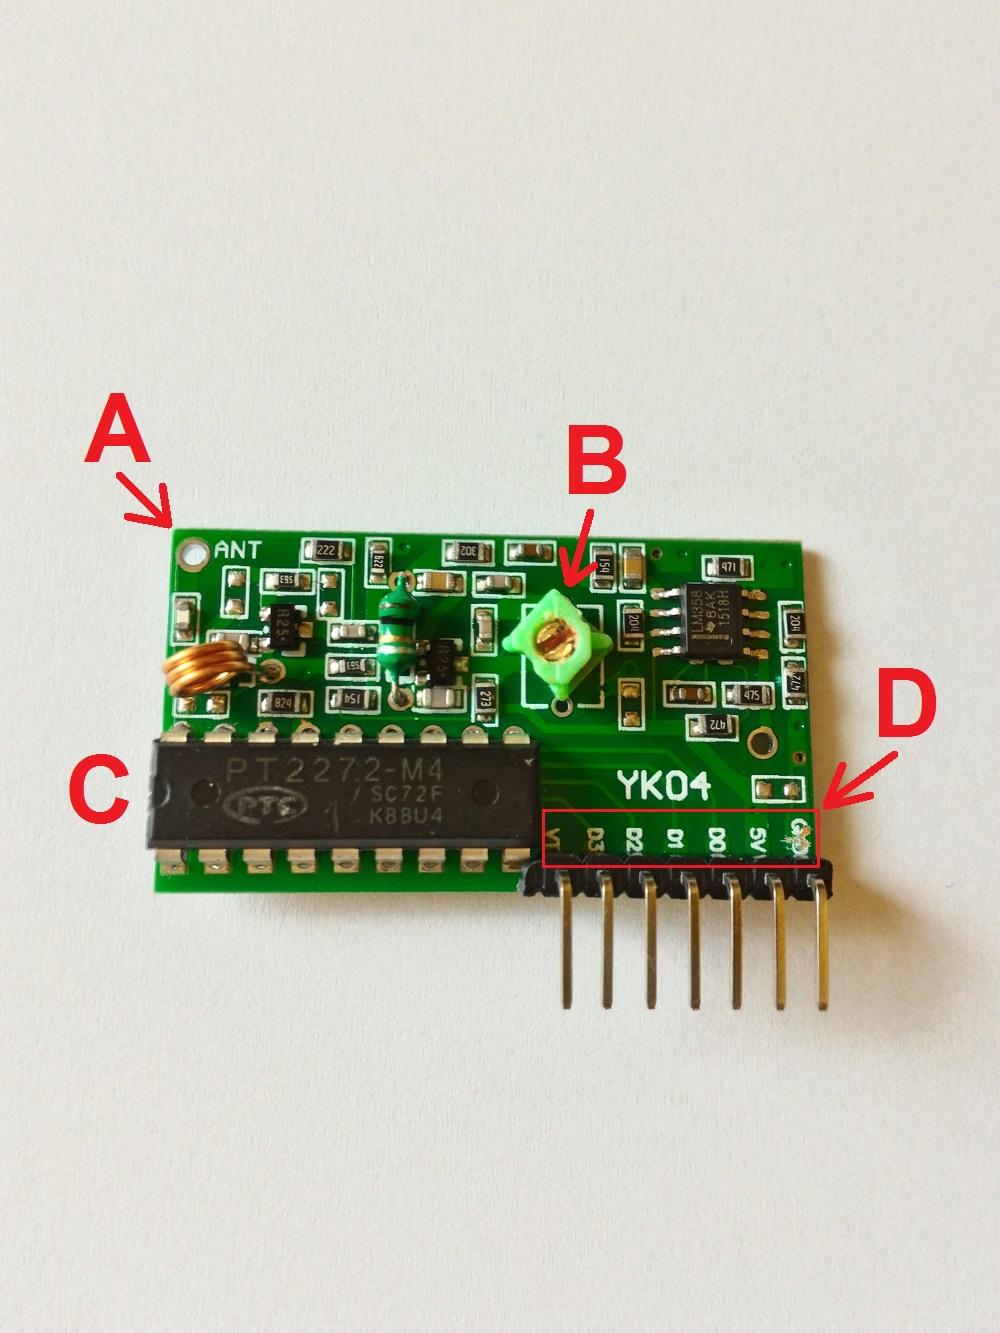 img03_utilizando_controle_remoto_rf_e_receptor_rf_433_315_mhz_arduino_pisca_piscando_led